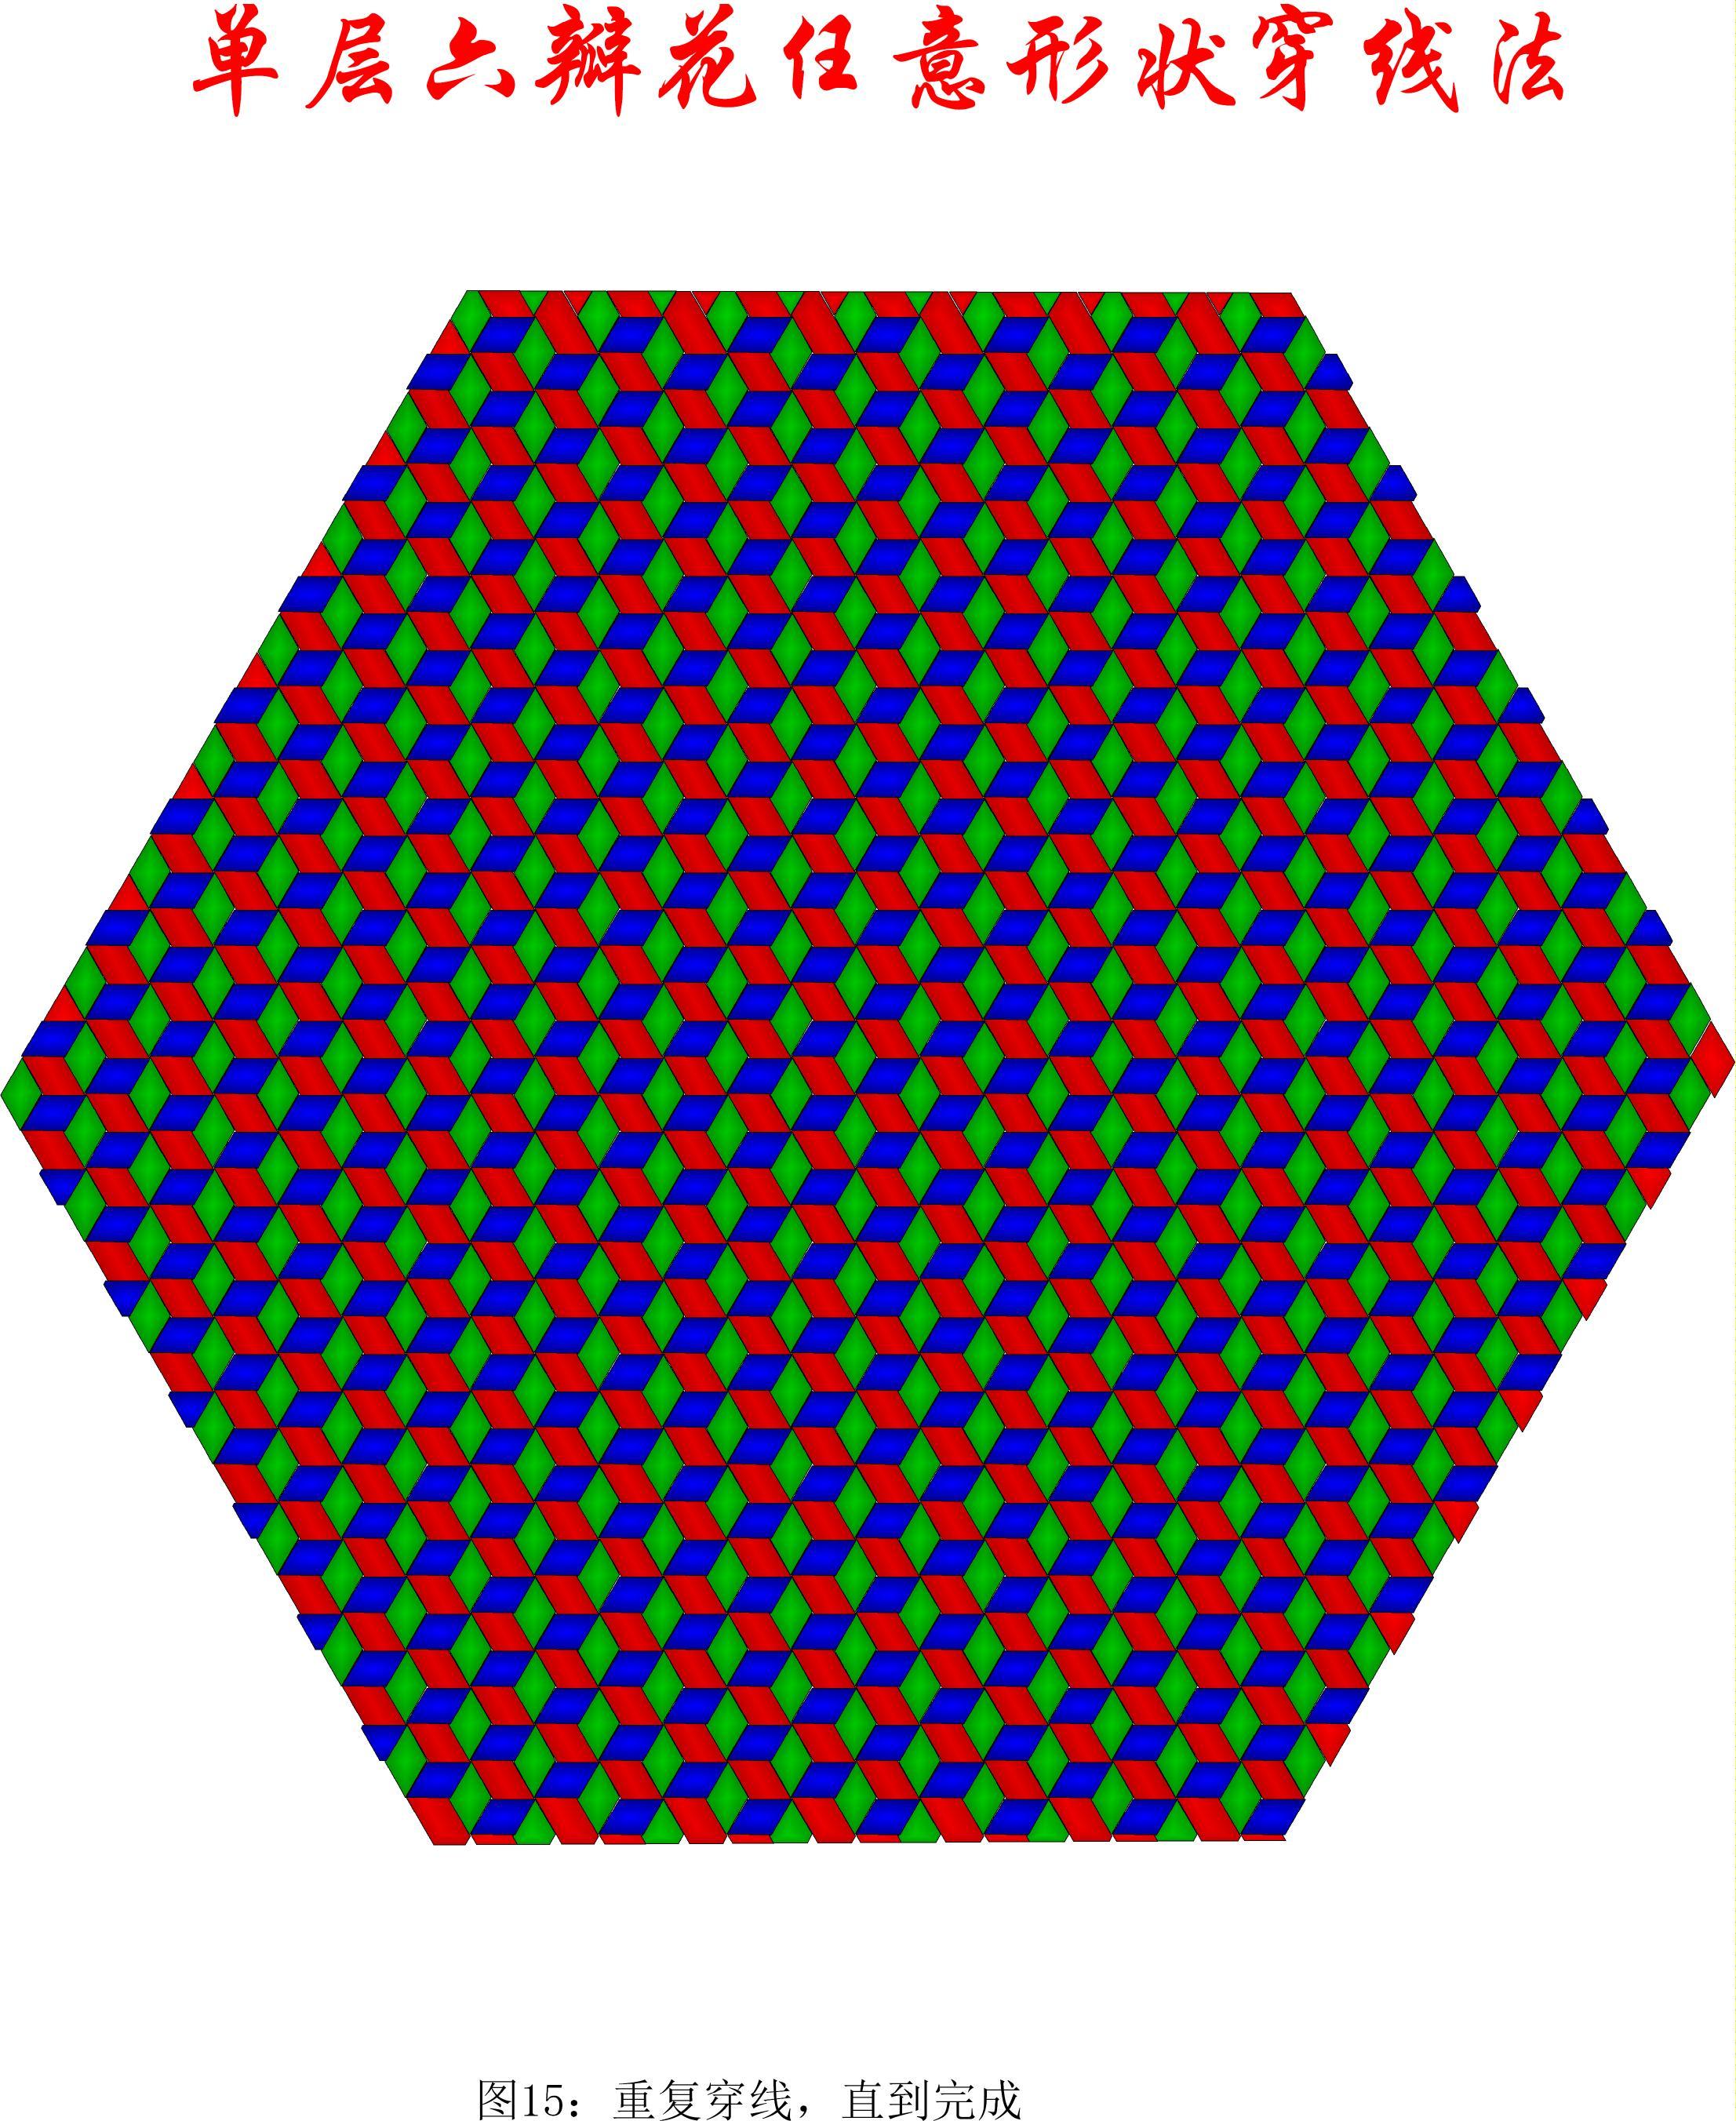 中国结论坛 单层叠压六瓣花任意形状穿线方法 1264,盘长结 丑丑徒手编结 200908n13fah56p4ca2at3